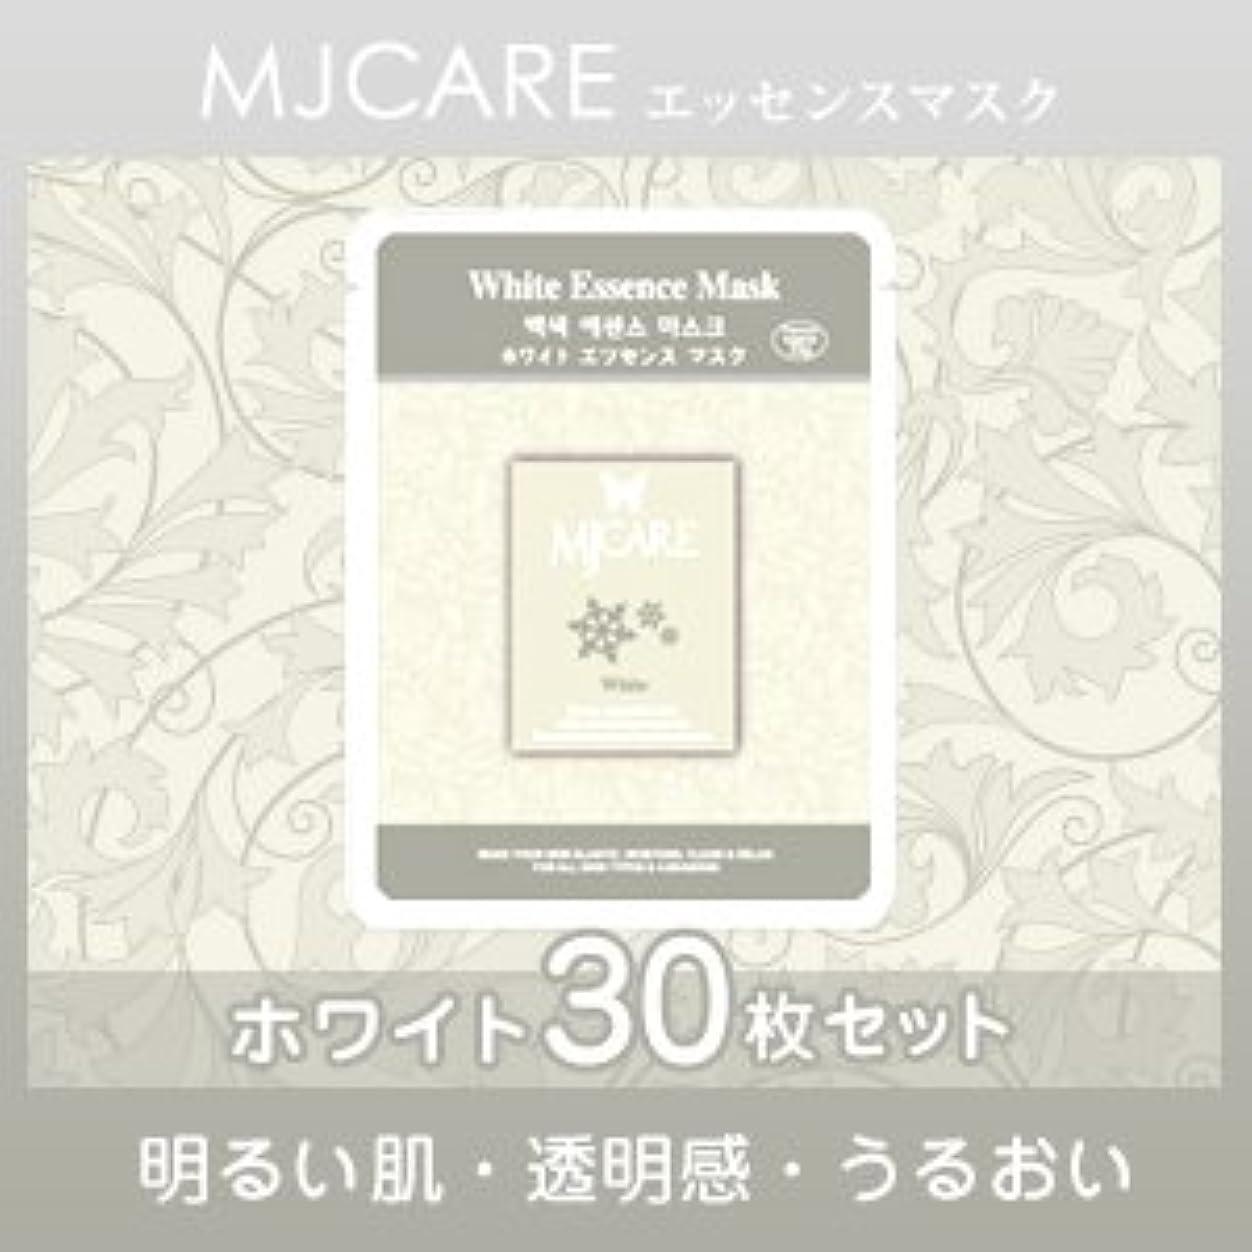 感謝祭直面する列挙するMJCARE (エムジェイケア) ホワイト エッセンスマスク 30セット